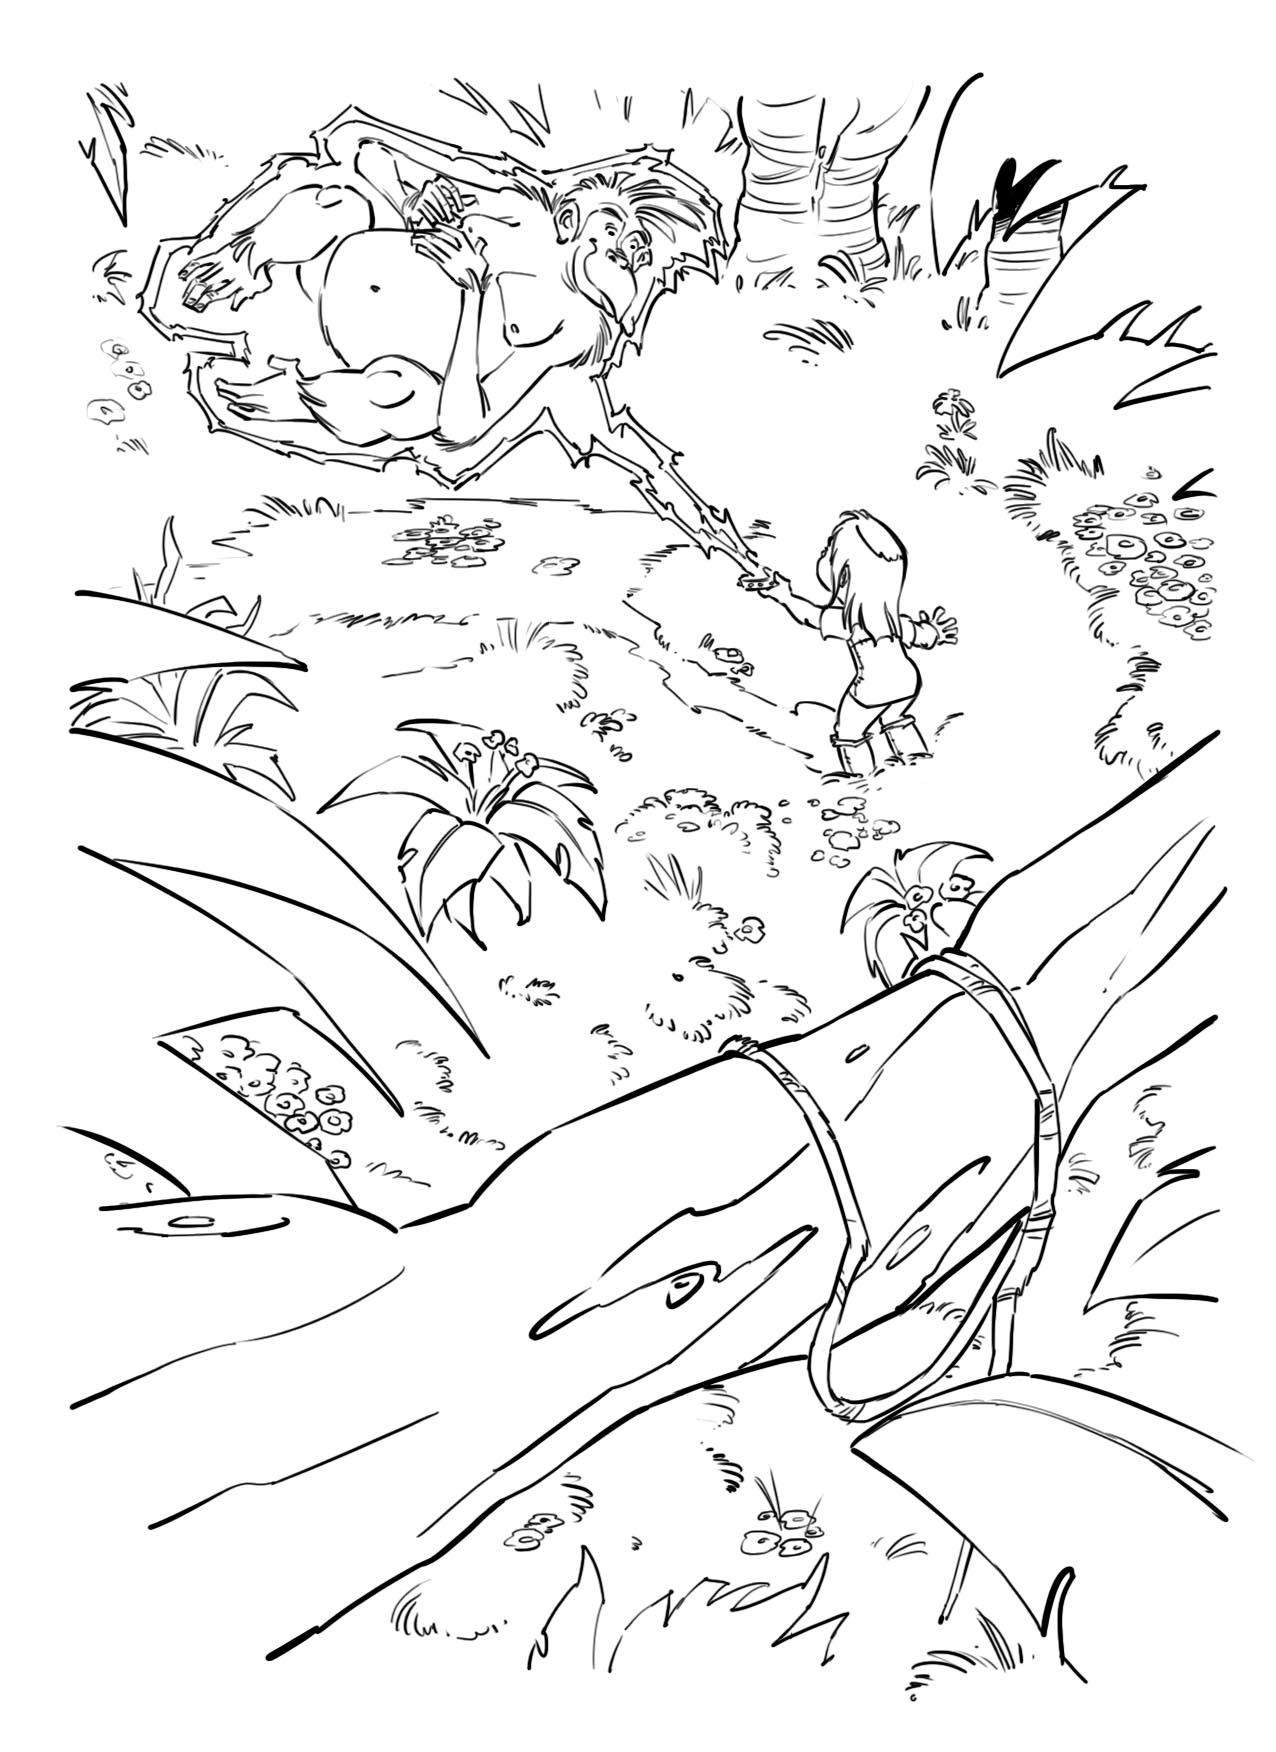 Sketch01 clean